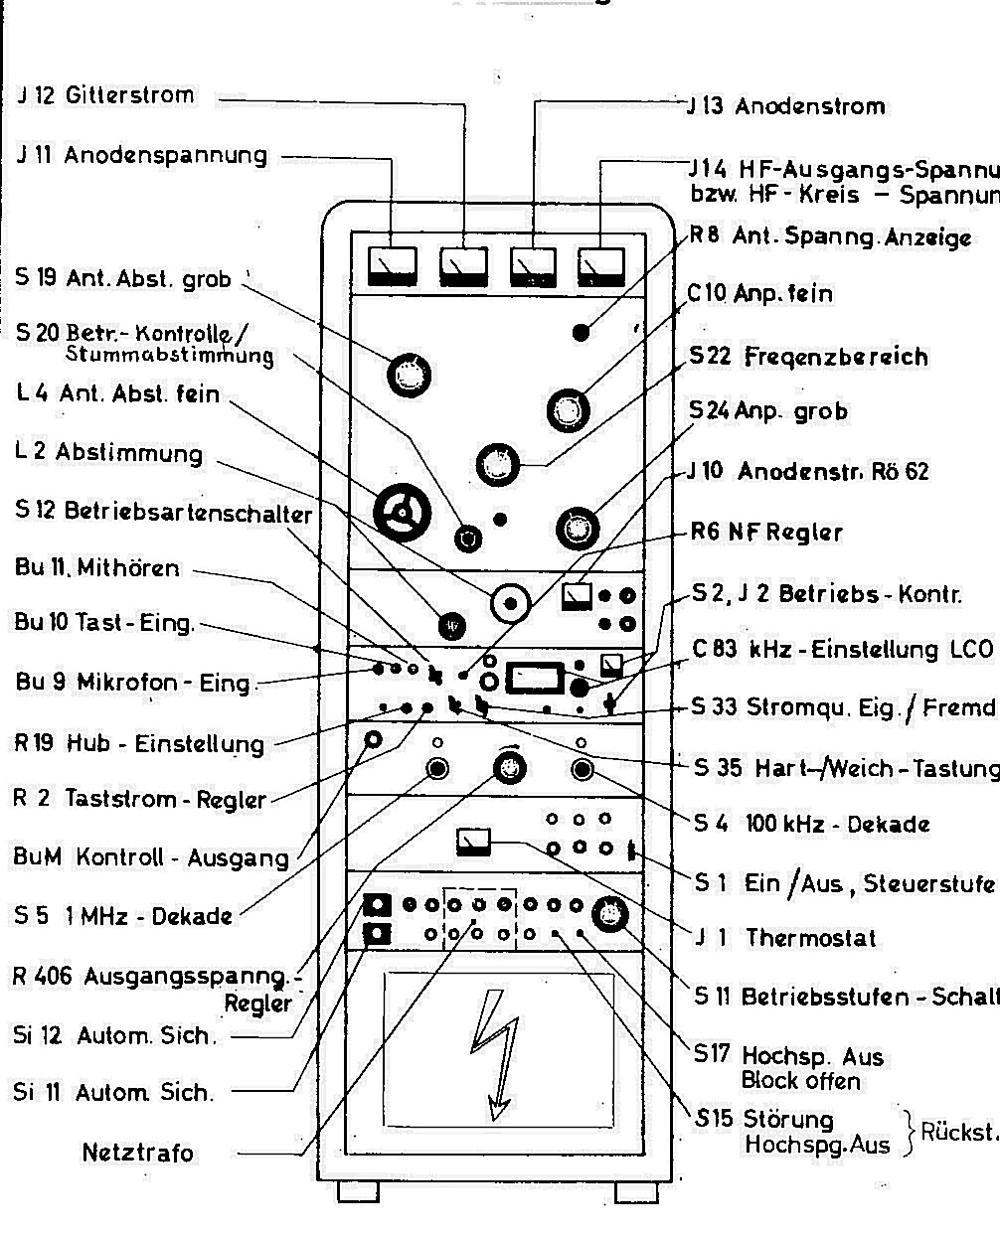 Fein Mazda Schaltplan Zeitgenössisch - Der Schaltplan - triangre.info